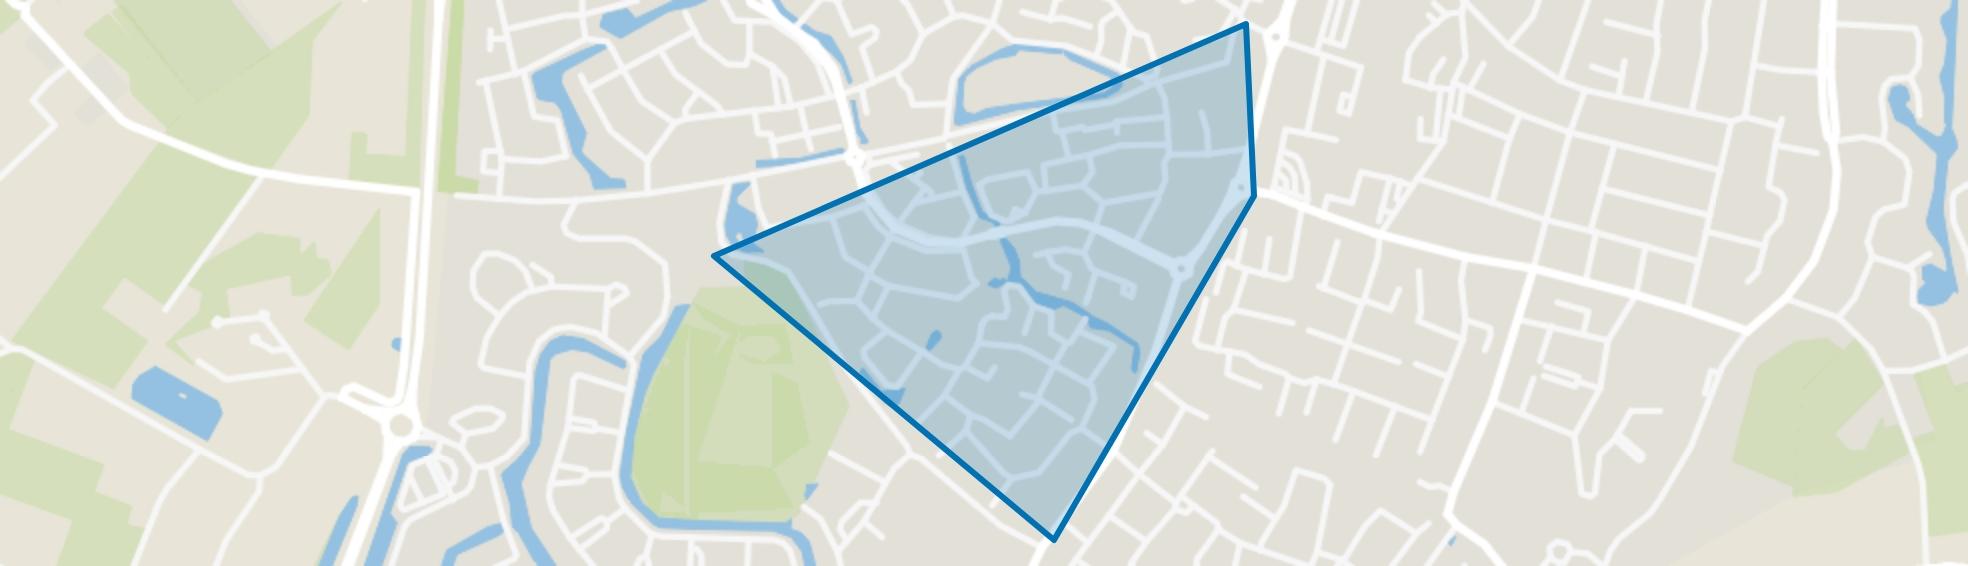 Beuningen-Tinnegieter, Beuningen (GE) map